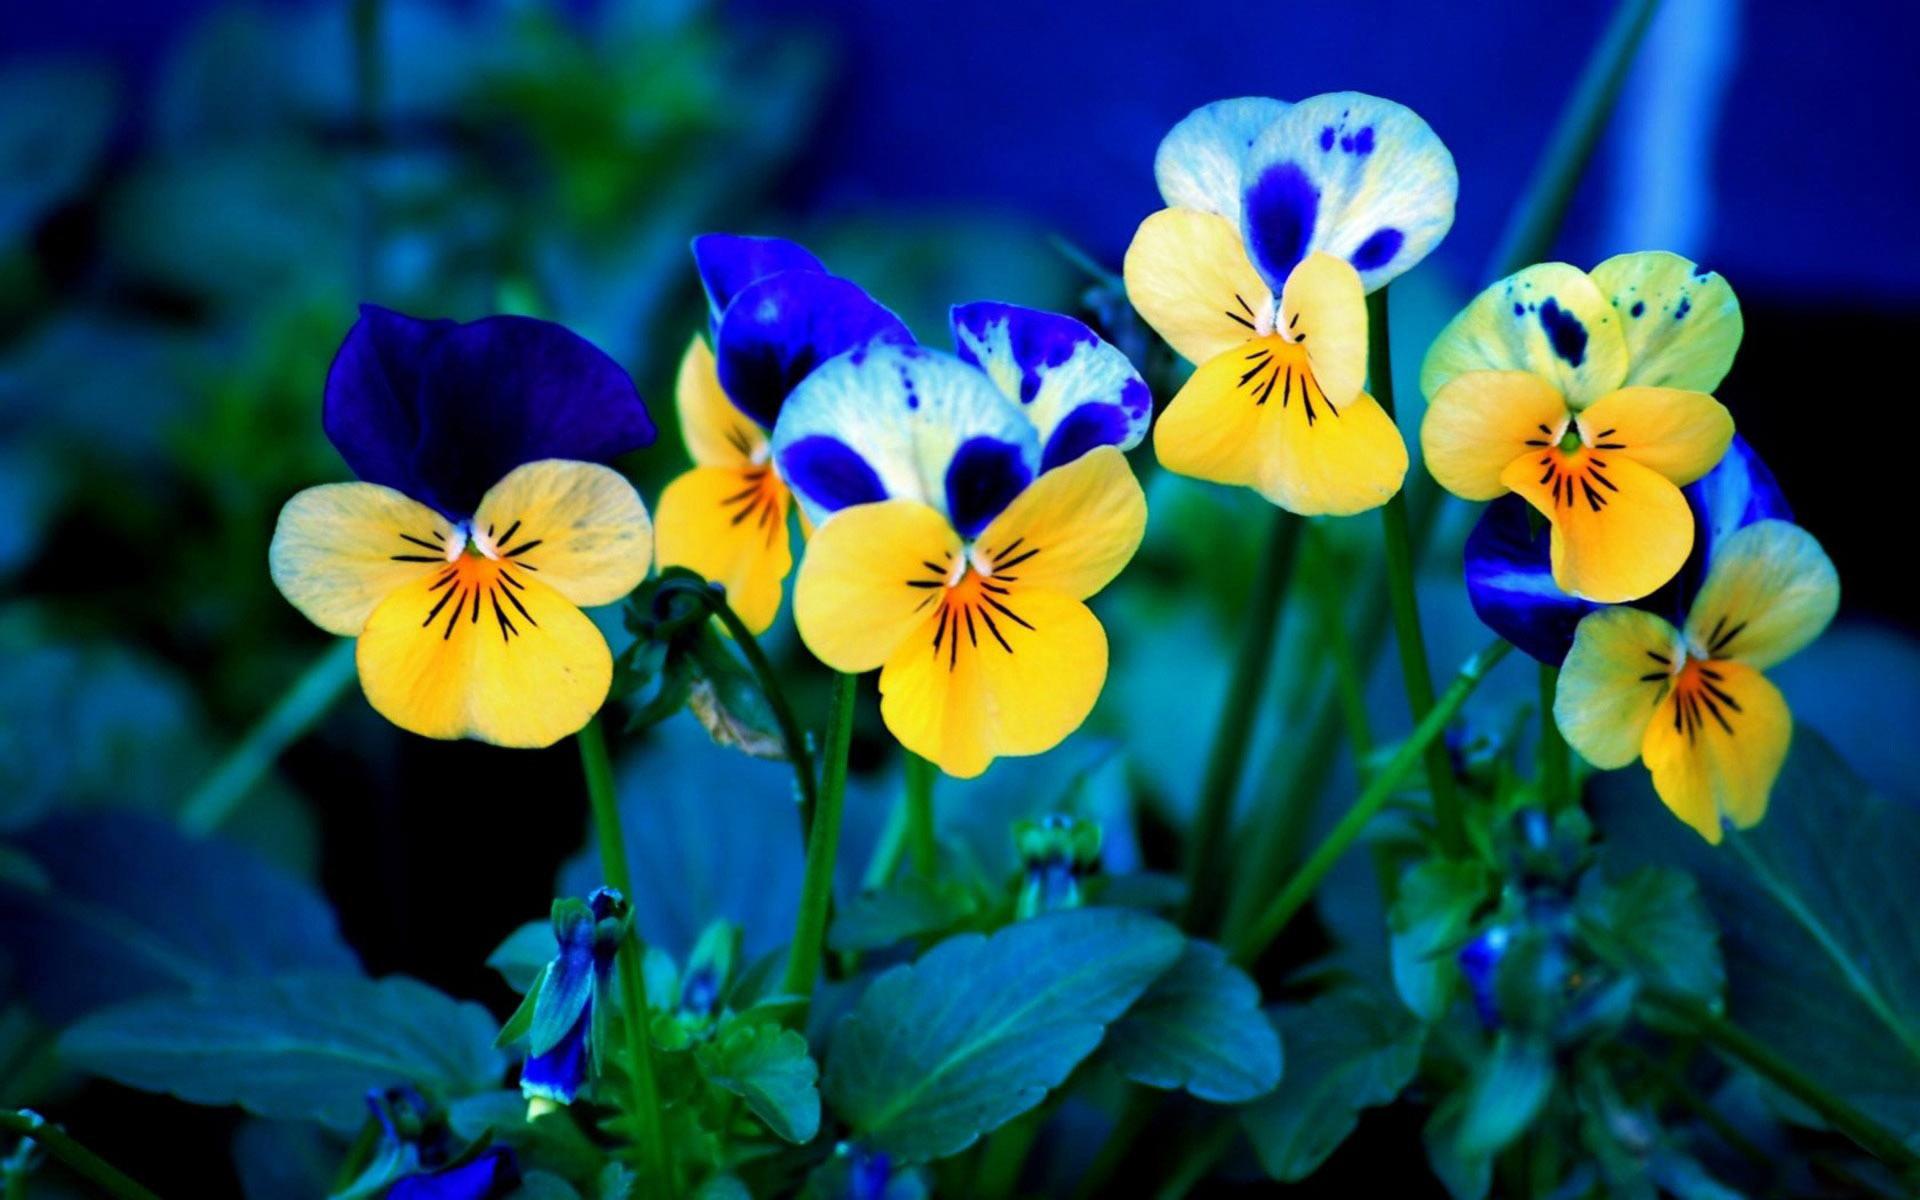 Sfondi fiori per desktop viole del pensiero sfondi hd for Foto full hd per desktop